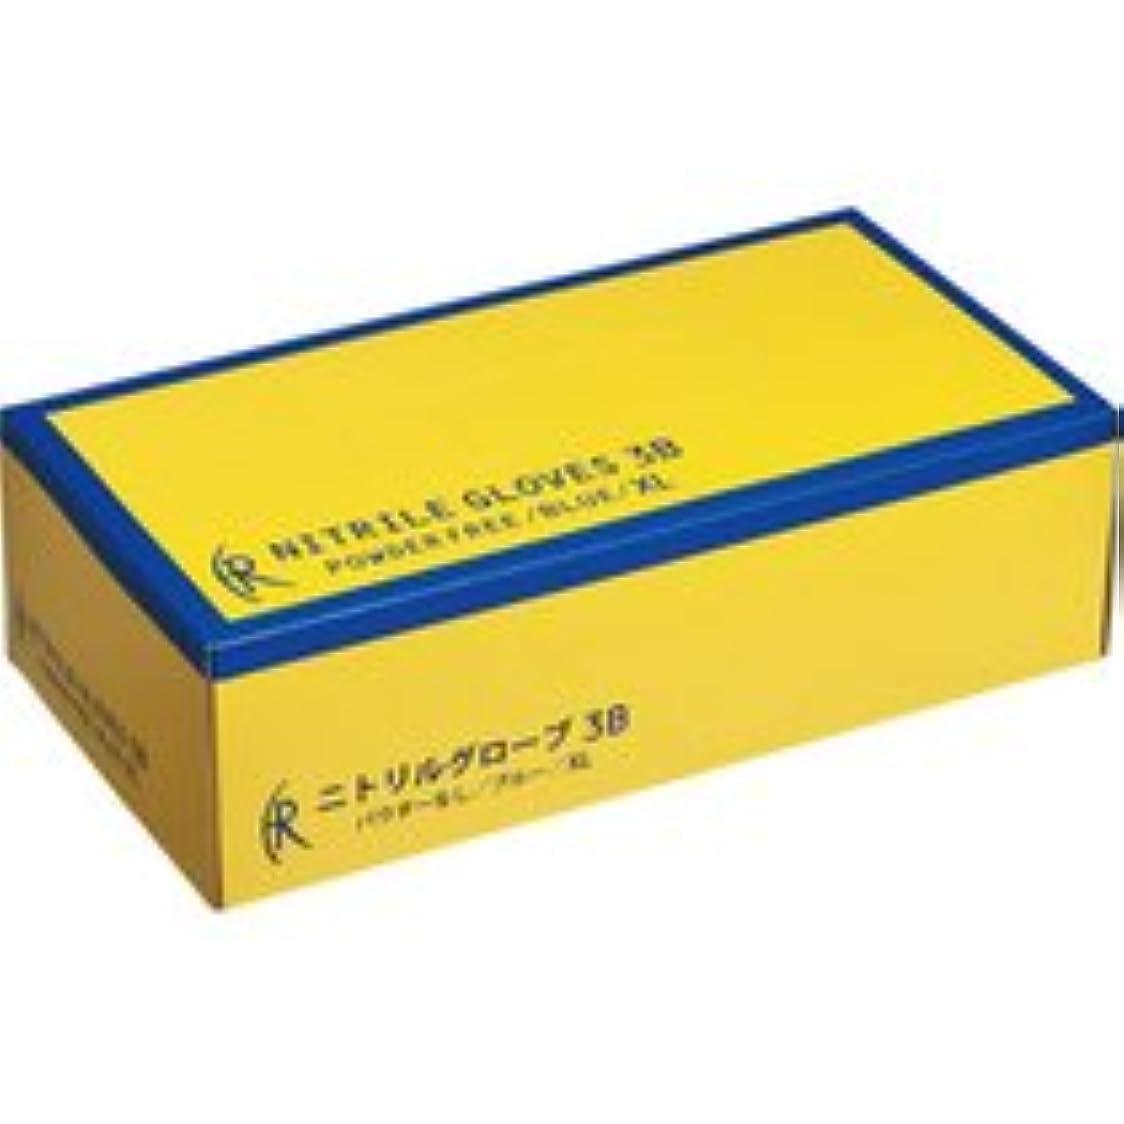 人生を作るレパートリー武器ファーストレイト ニトリルグローブ3B パウダーフリー XL FR-5664 1箱(200枚)